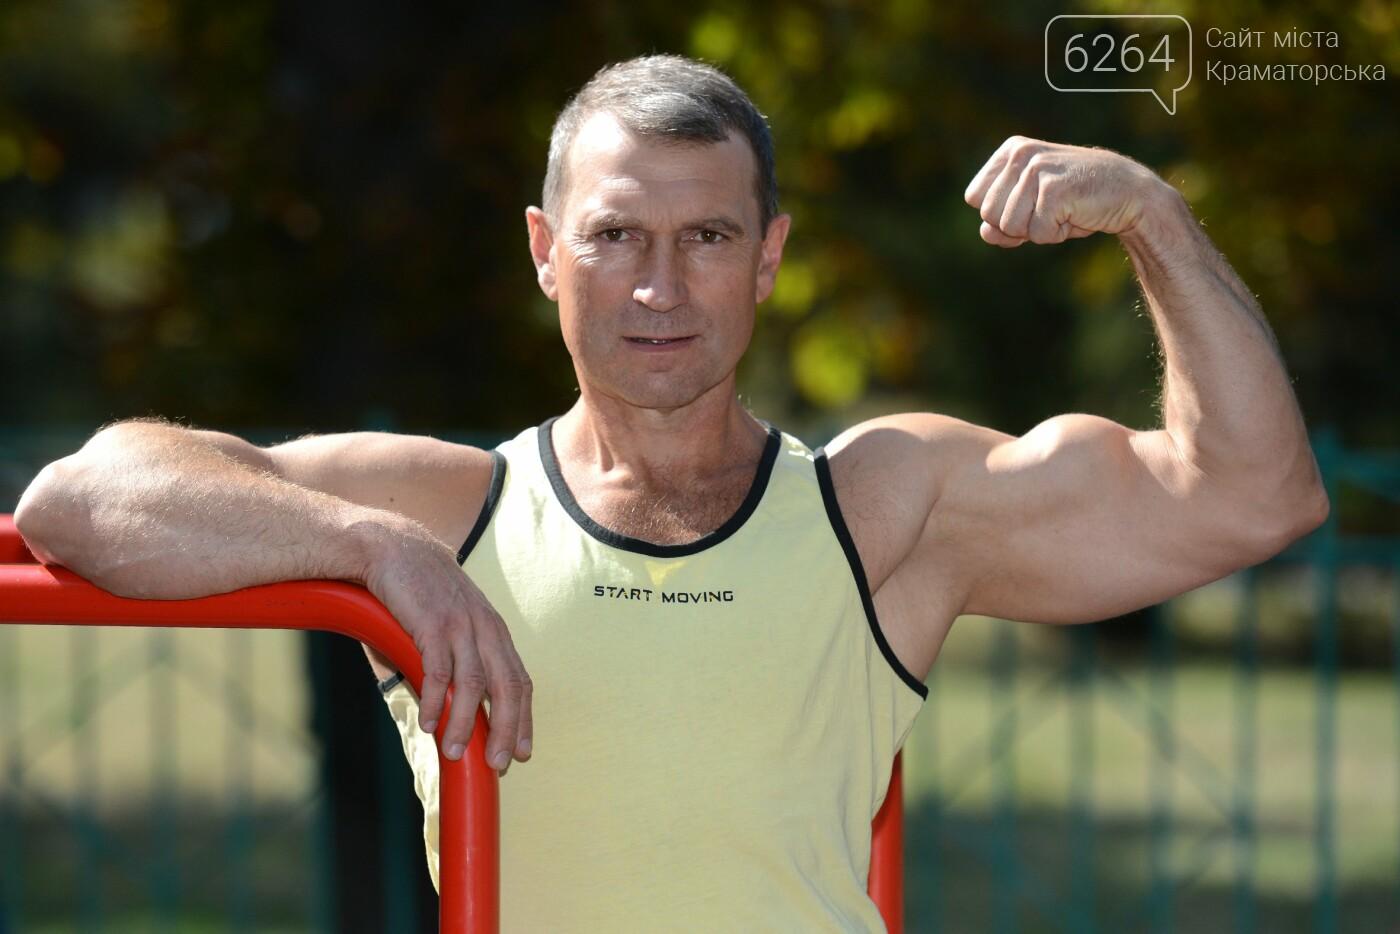 ЭСТЕТИК GYM - энергия твоего успеха: взгляни на фитнес по-новому, фото-7